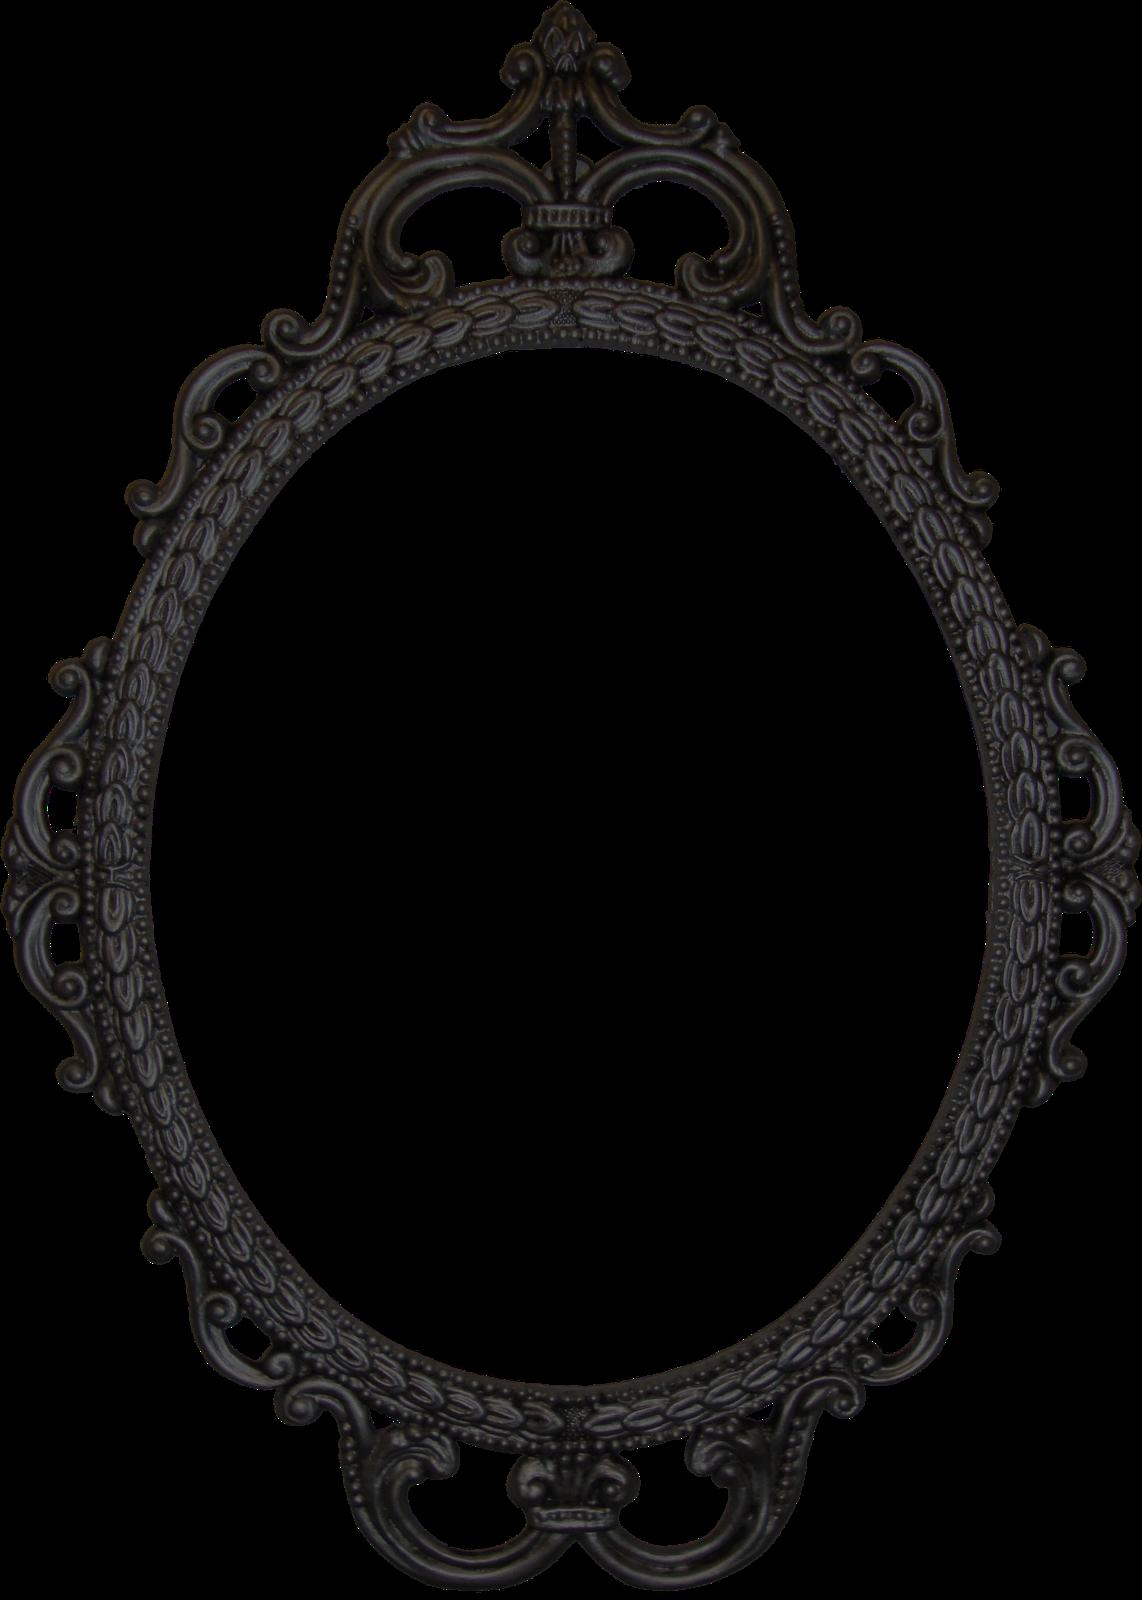 Mirror frame png. Doodle craft free digital